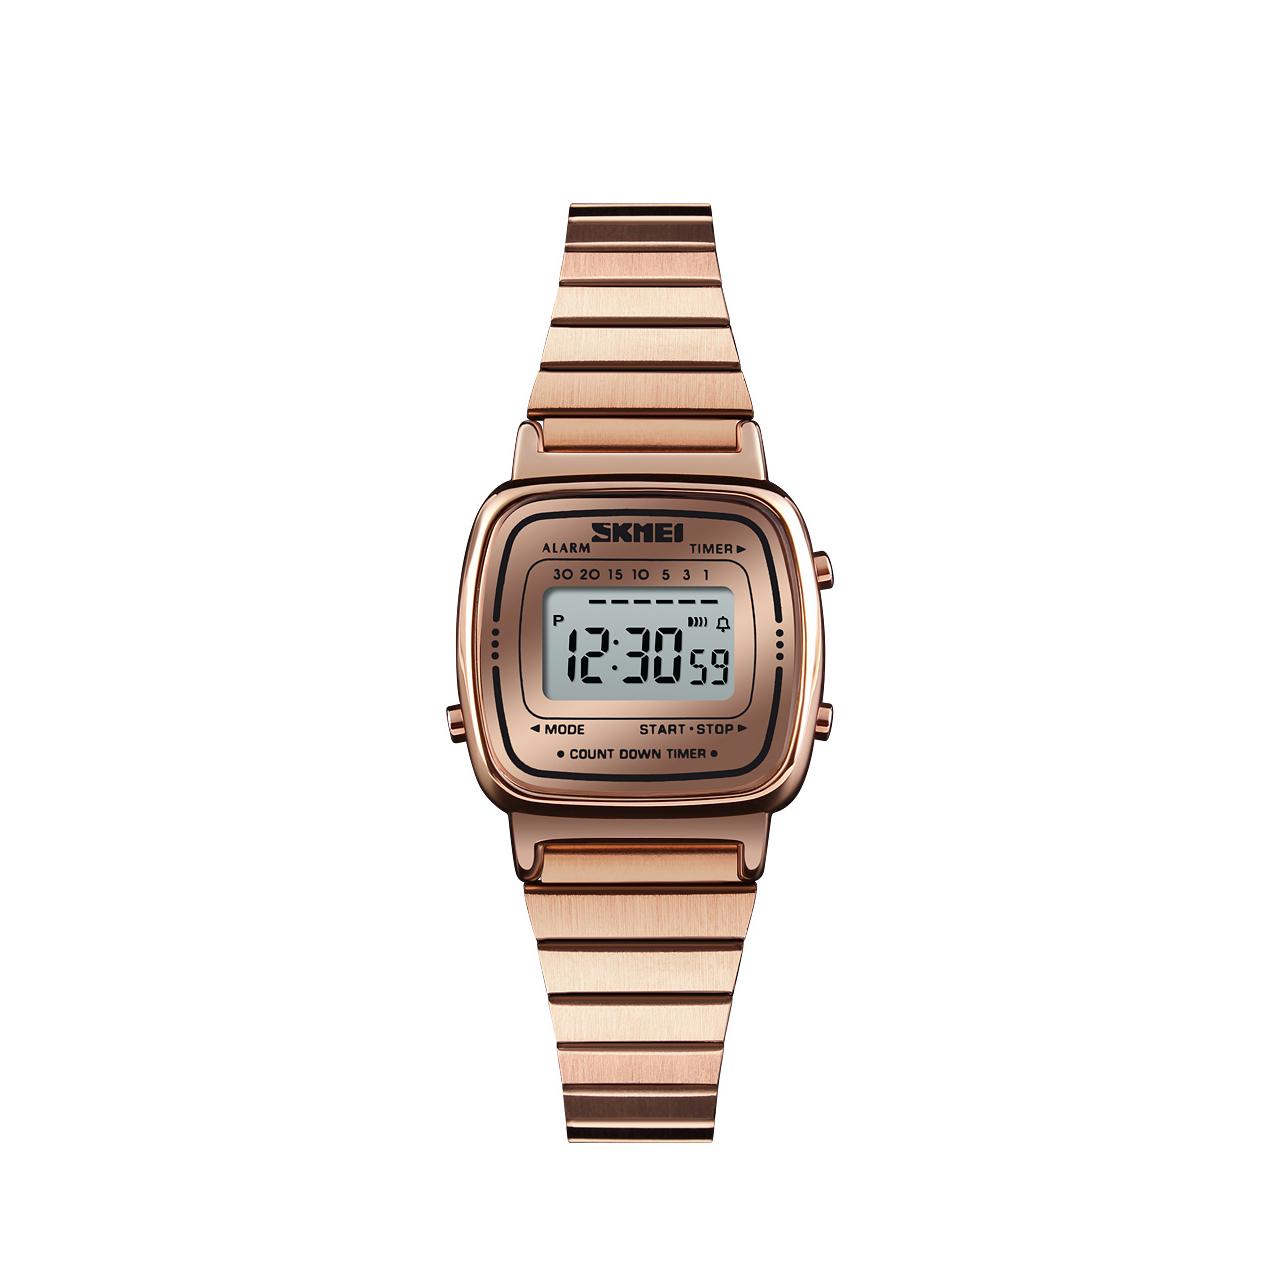 ساعت مچی دیجیتال زنانه اسکمی مدل 1252 کد 01